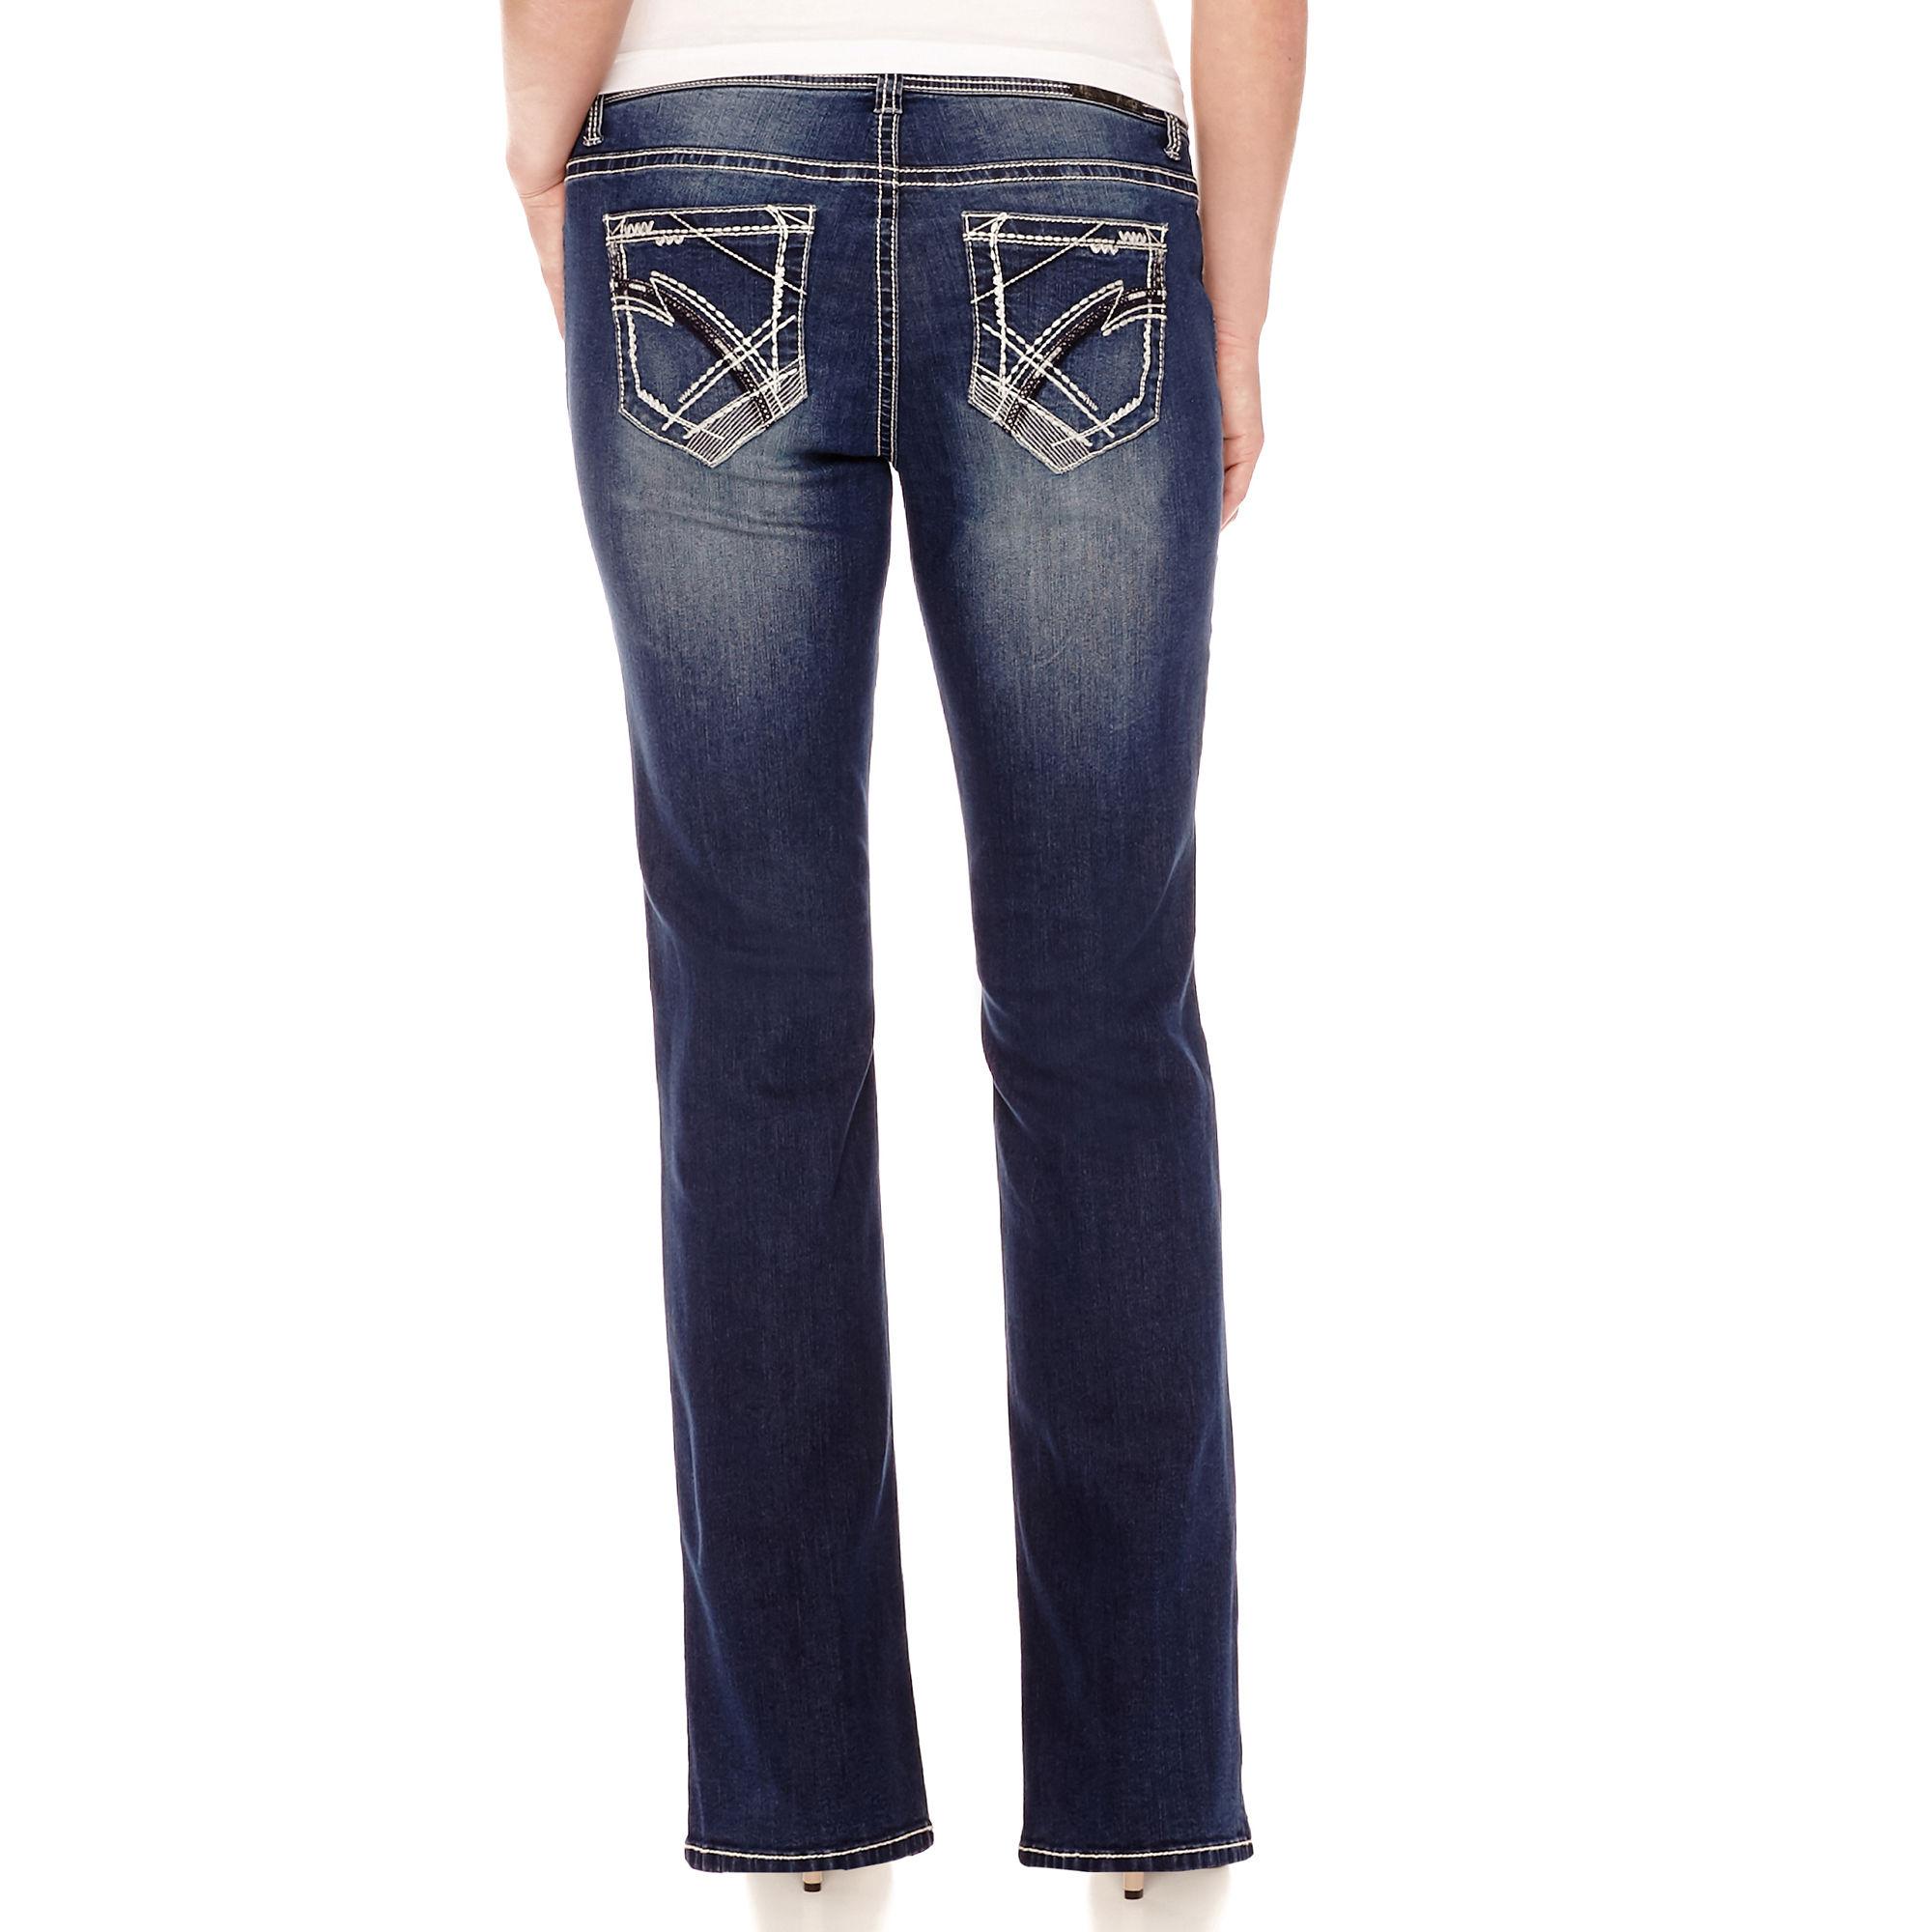 ZCO Shape Bootcut Jeans - Plus